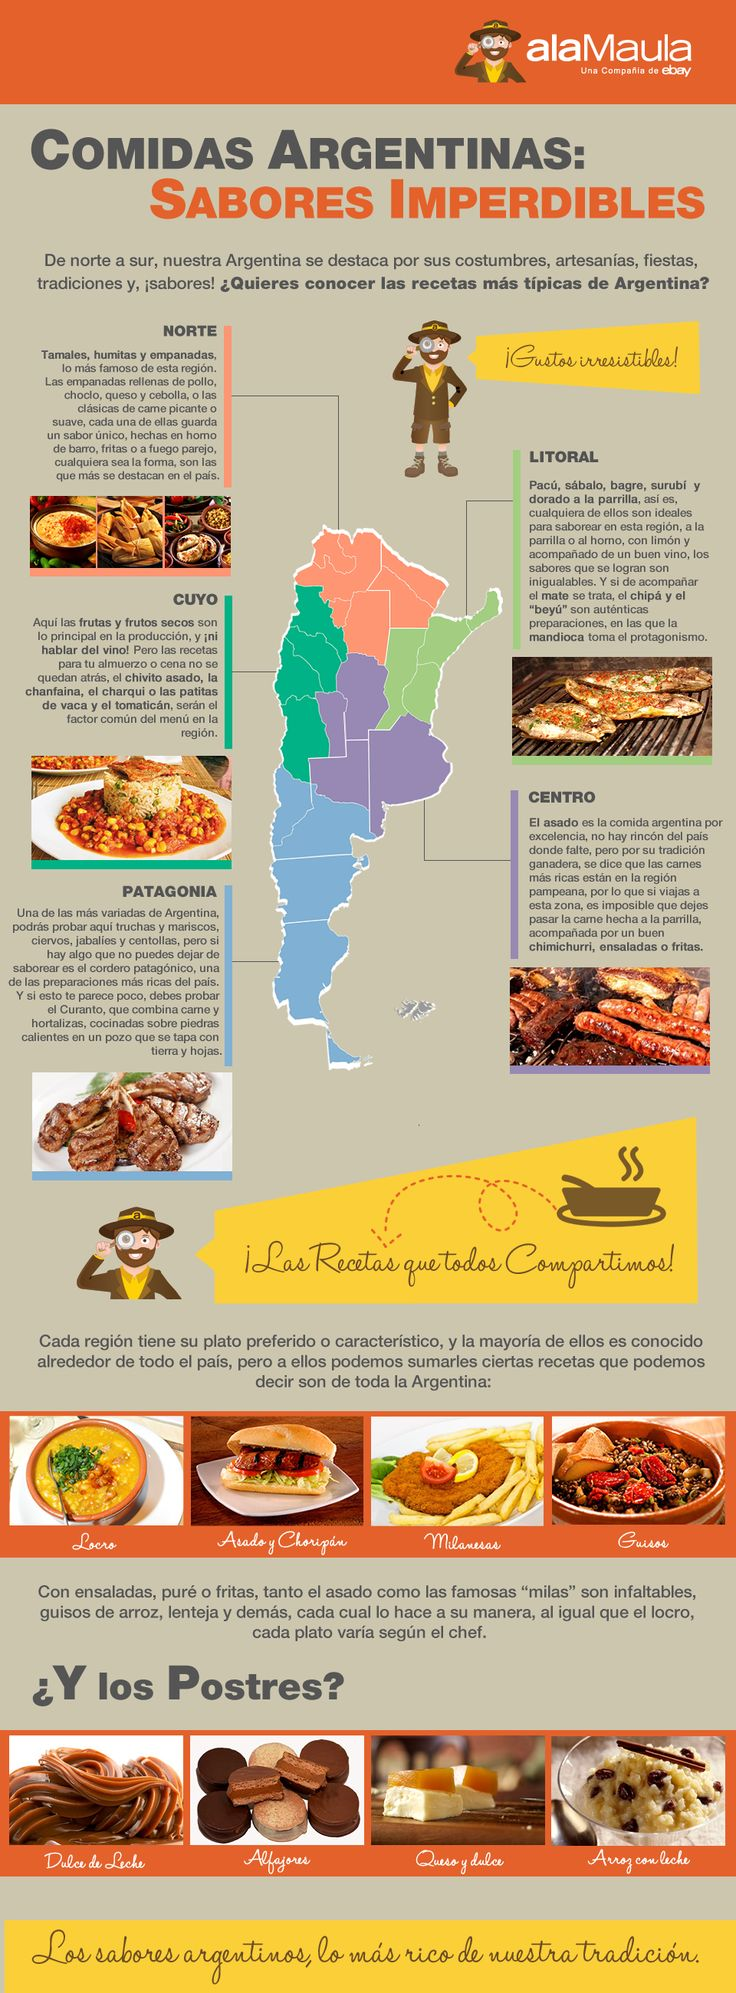 Infografía bellísima sobre los sabores tradicionales de Argentina https://www.vinetur.com/posts/1684-infografia-bellisima-sobre-los-sabores-tradicionales-de-argentina.html